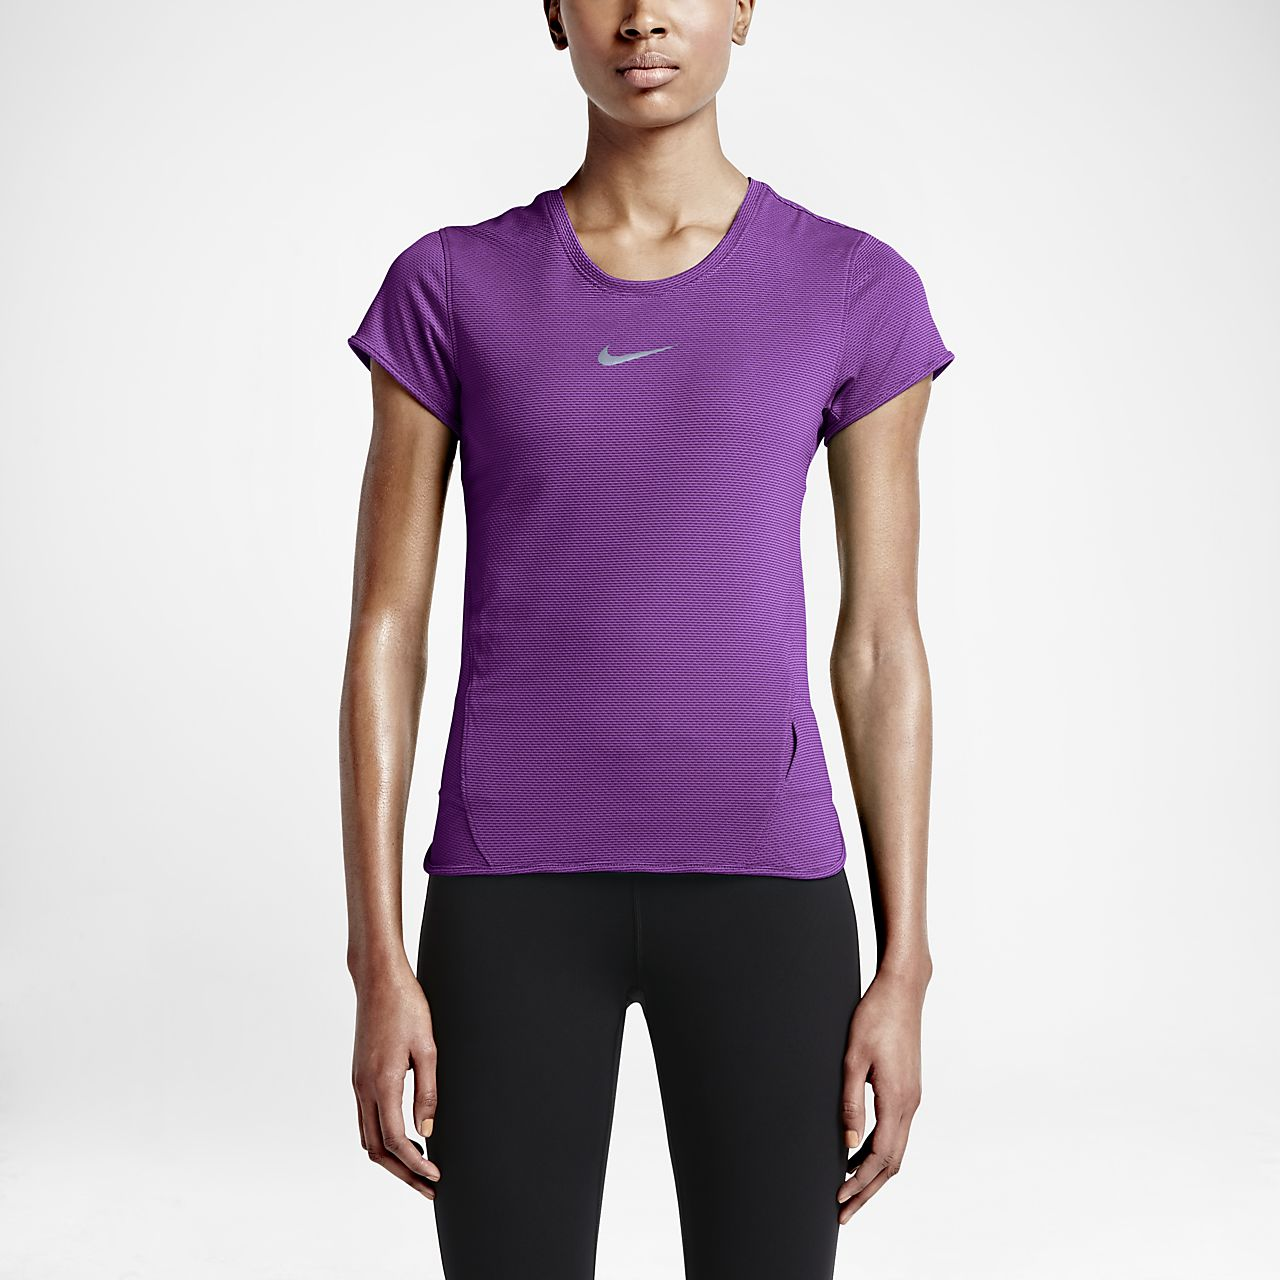 Low Resolution Nike AeroReact Women's Running Top Nike AeroReact Women's  Running Top